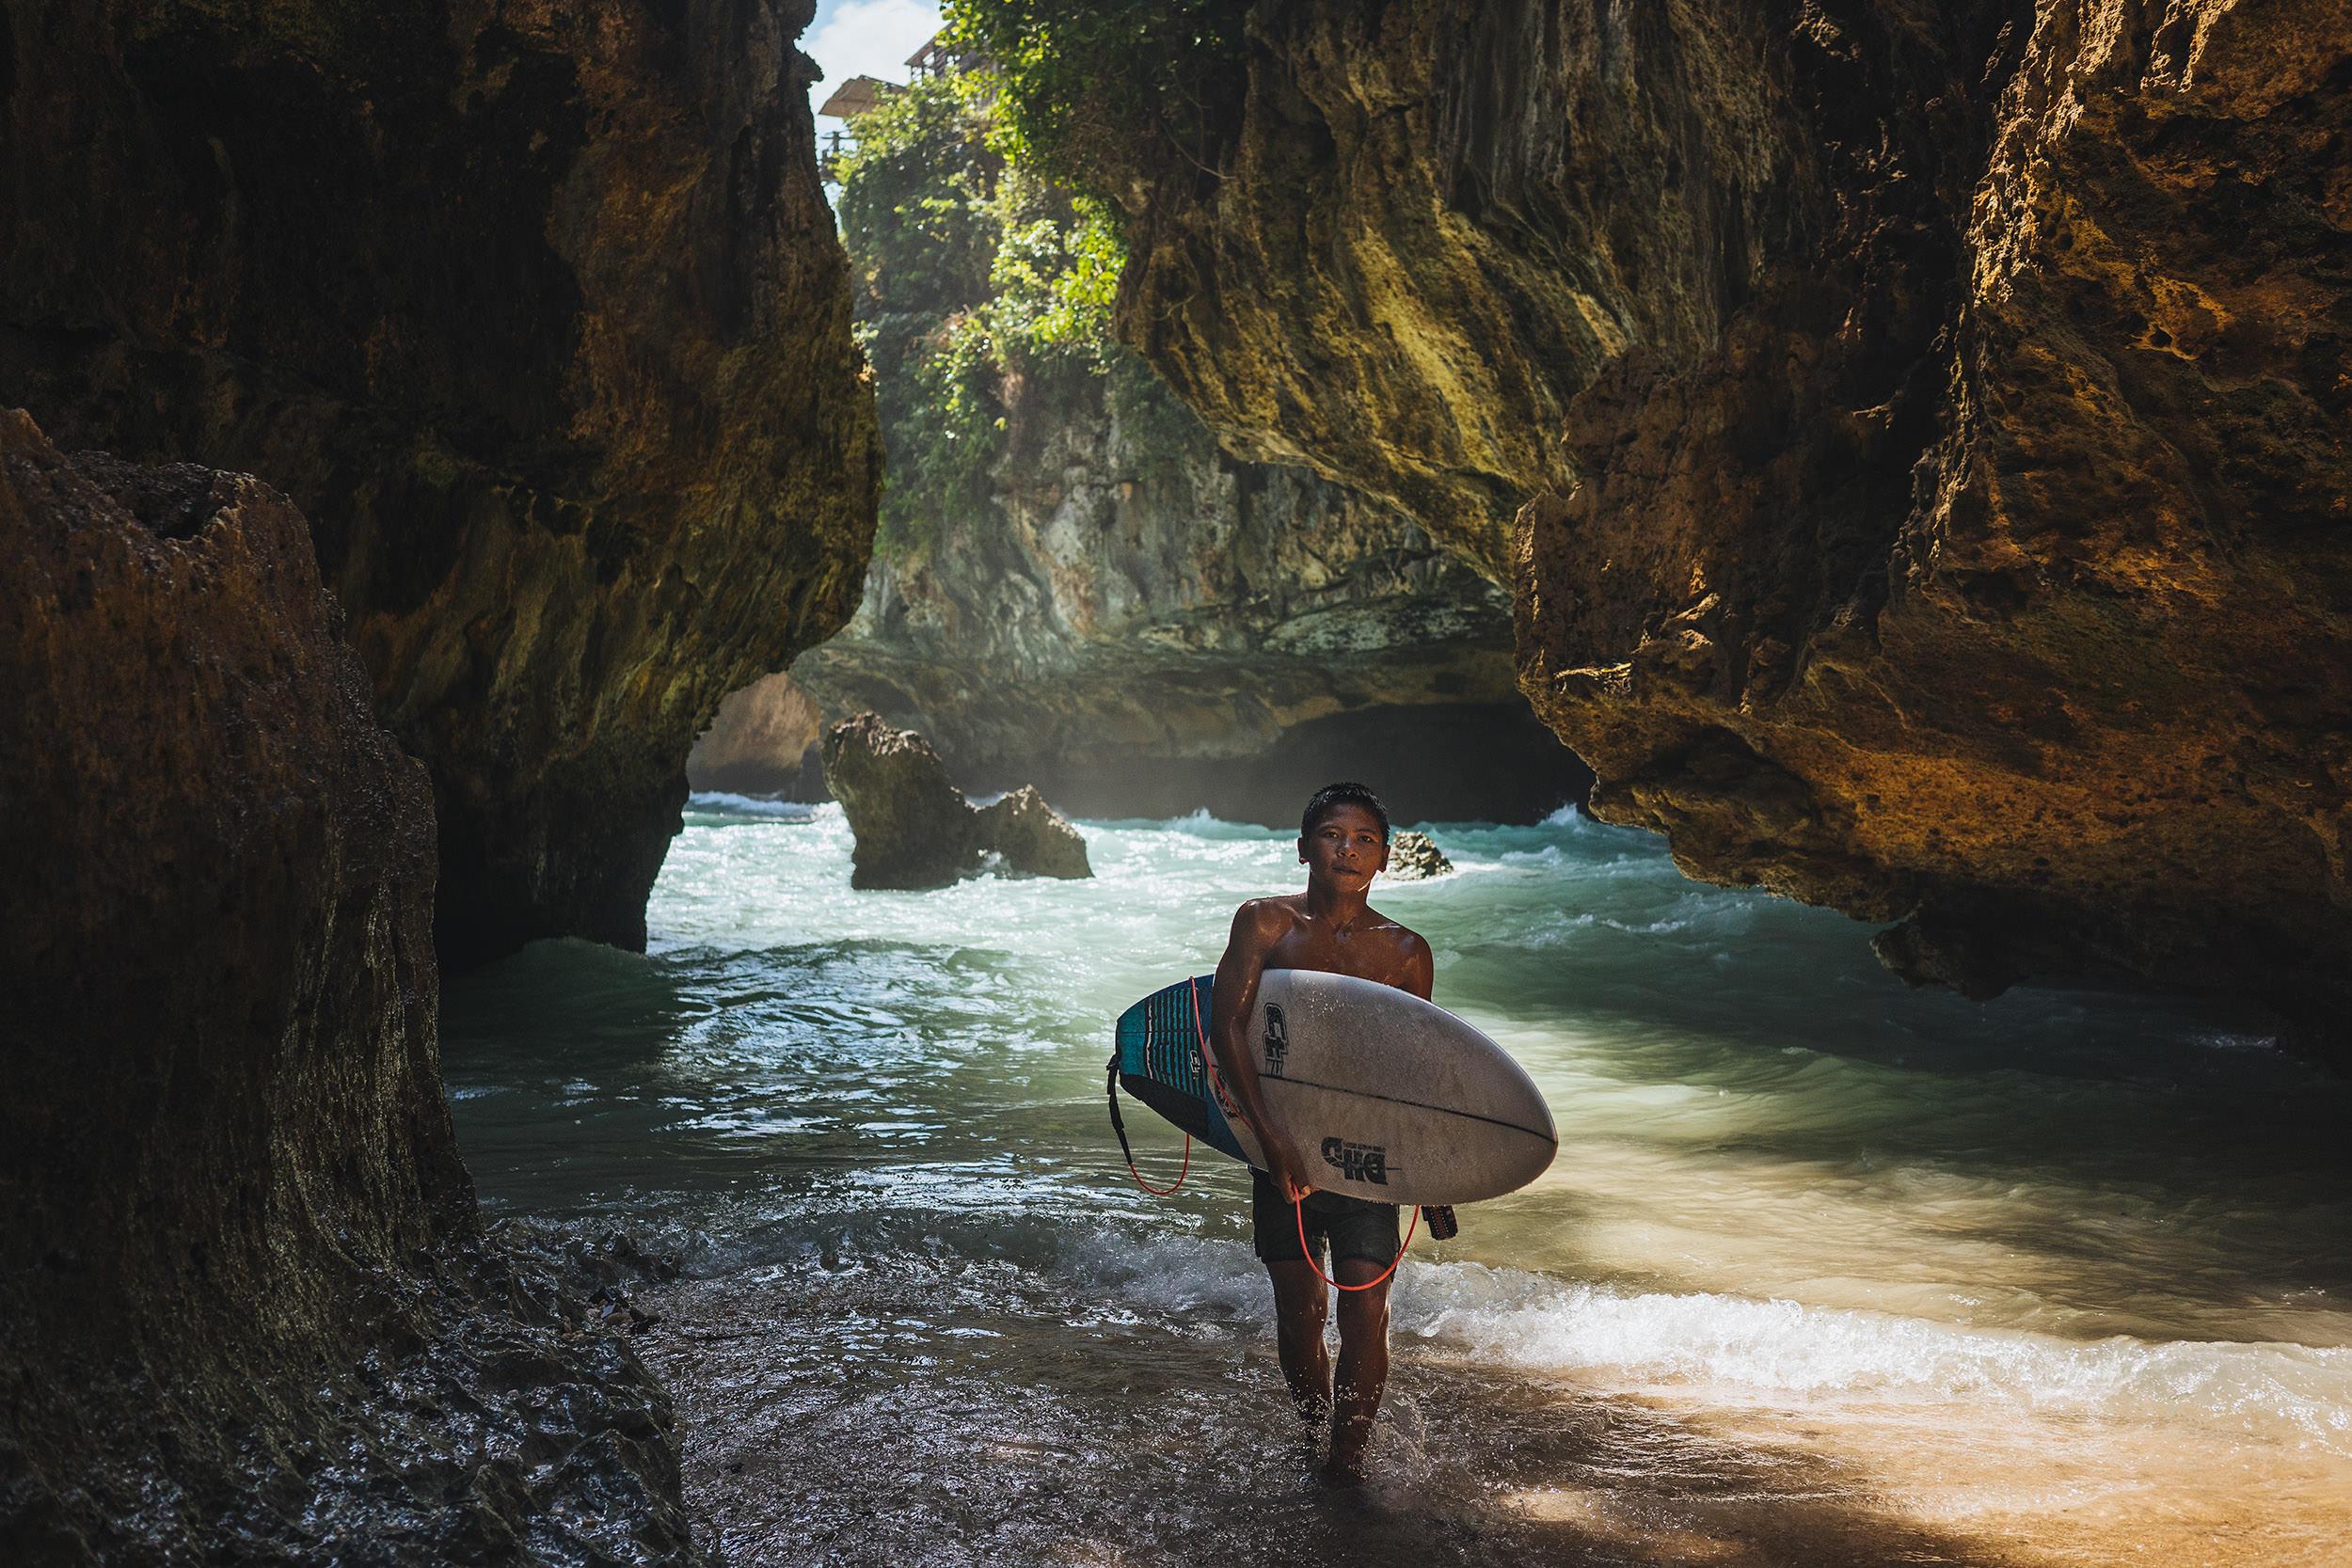 27-outdoor-adventure-surfing-bali-uluwatu-surfer.jpg